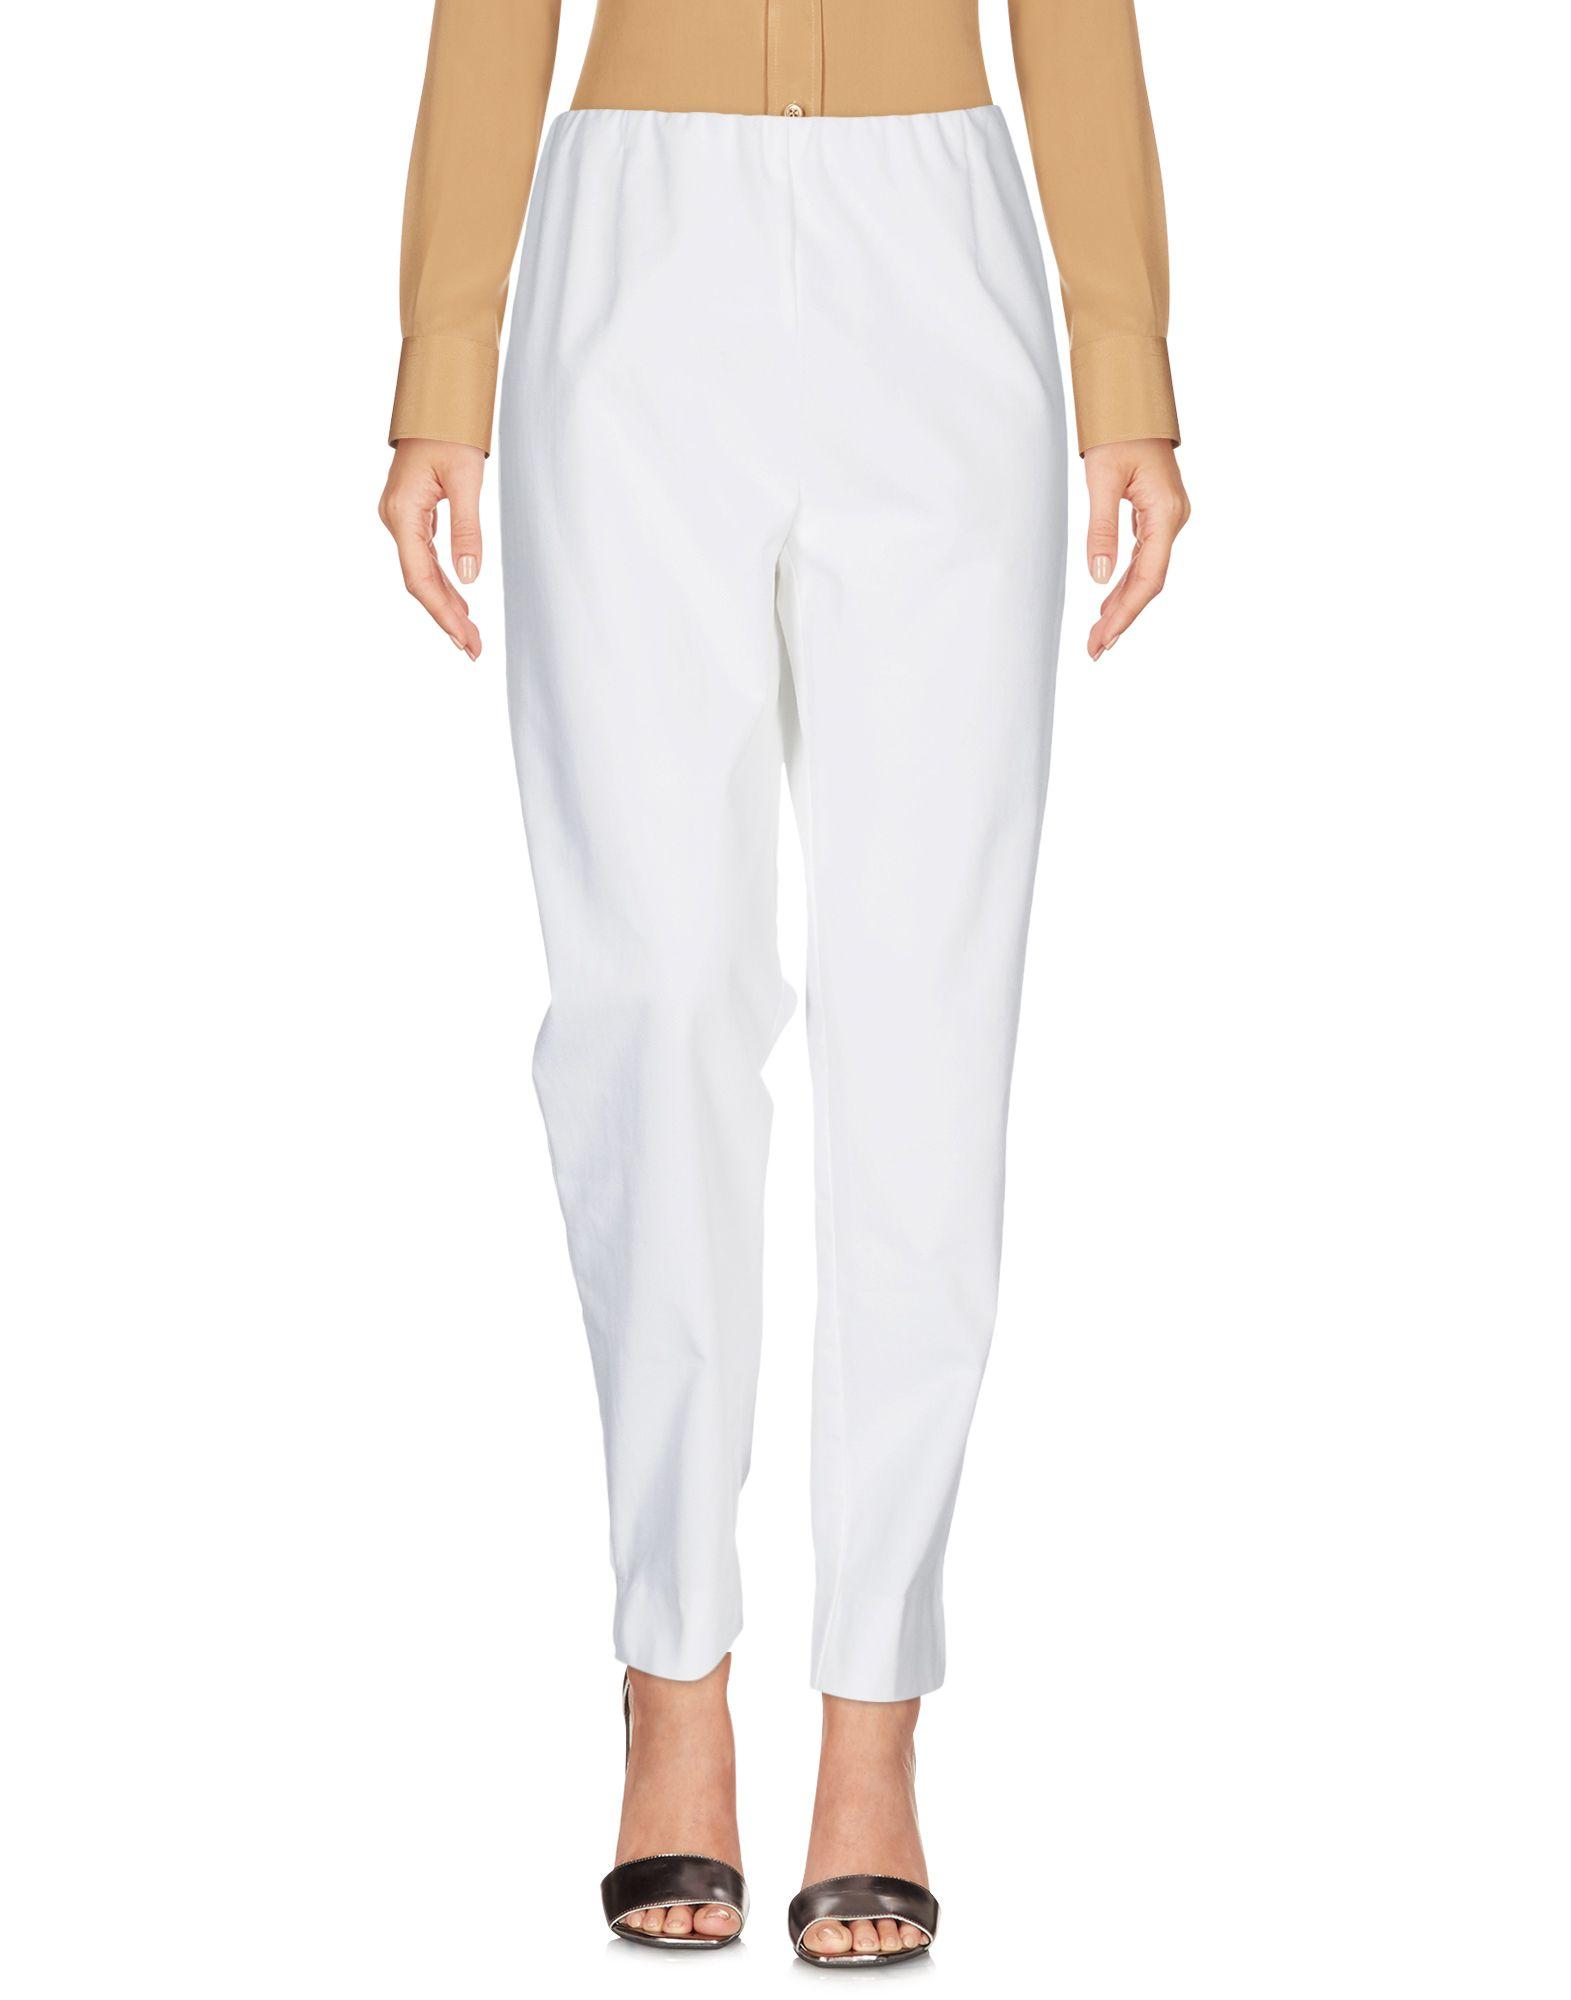 цены на SWEET LOLA Повседневные брюки в интернет-магазинах